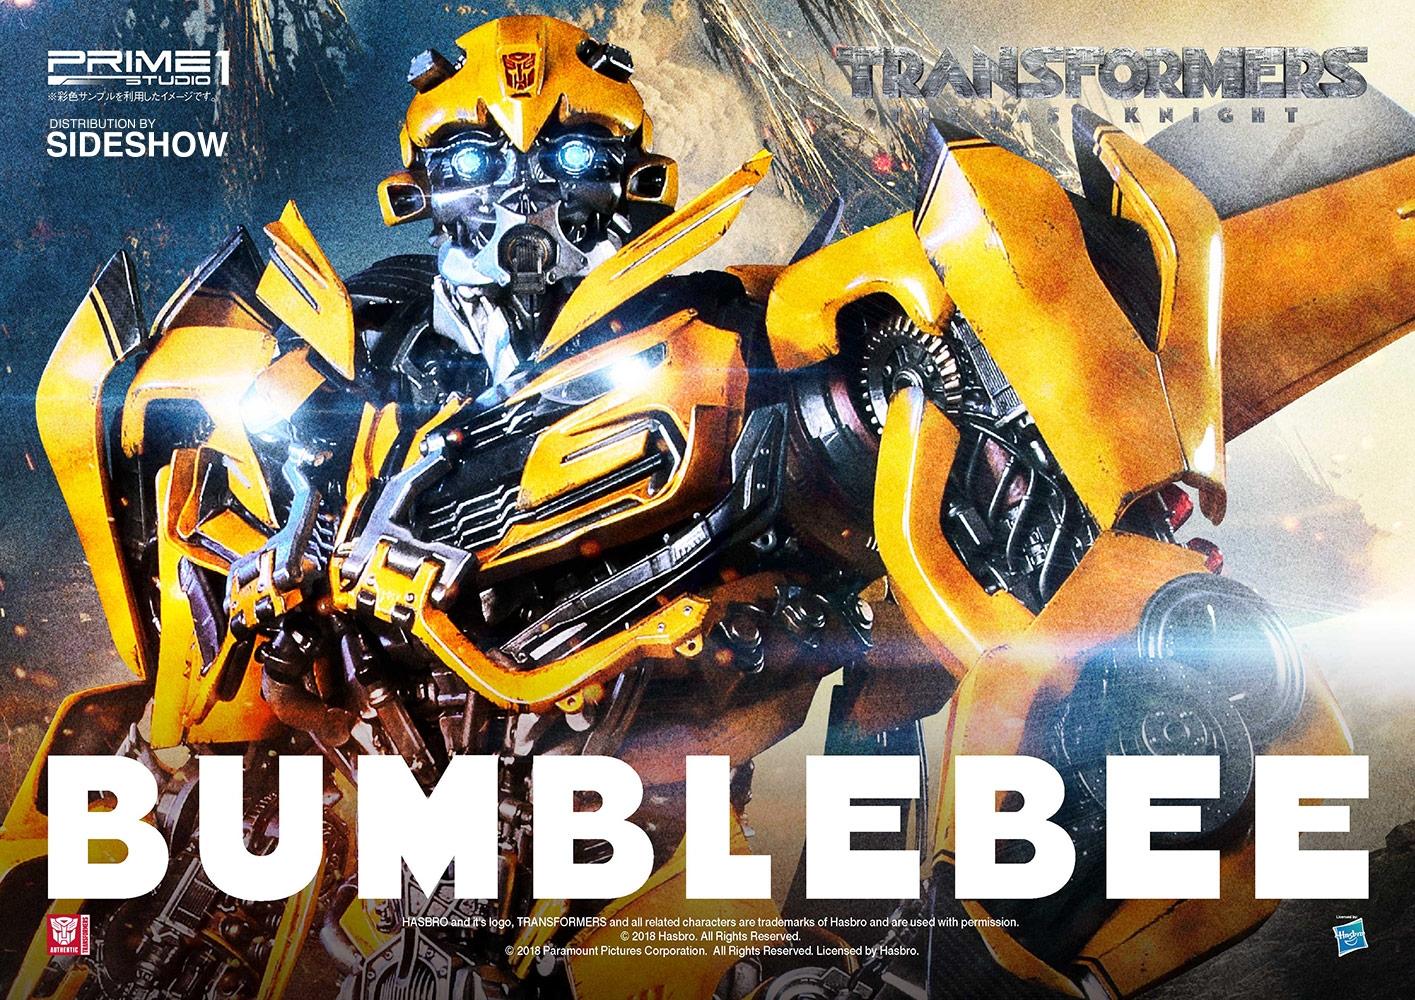 bumblebeefullmoviehd (@bumblebeefullmoviehd) Cover Image